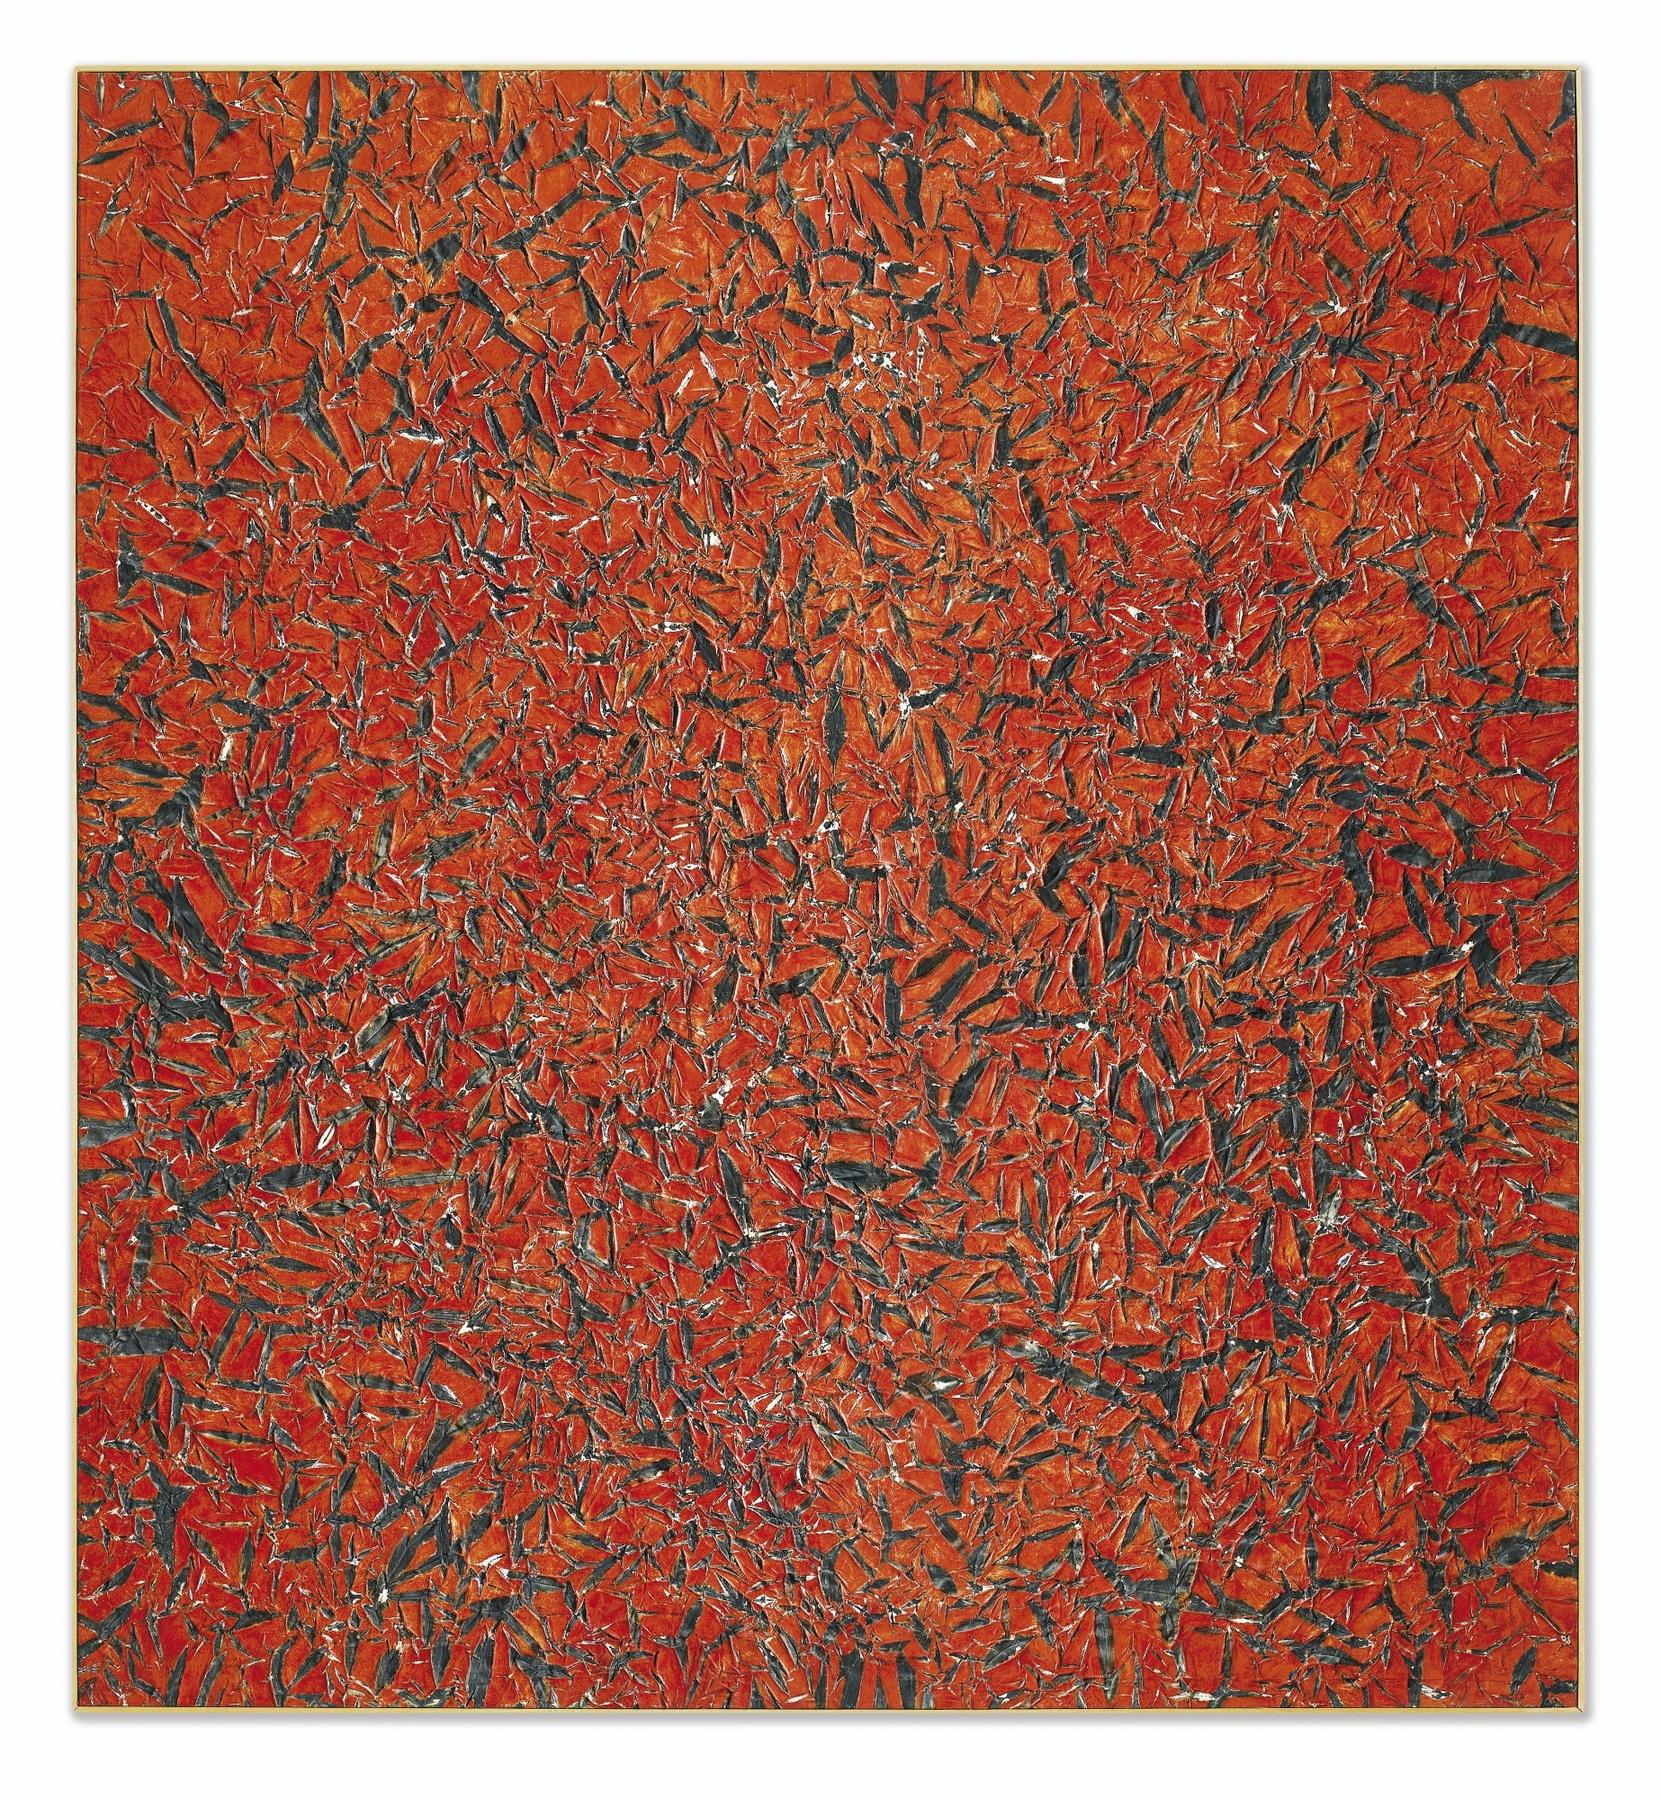 Simon Hantai-M.A.4 (Mariale)-1960